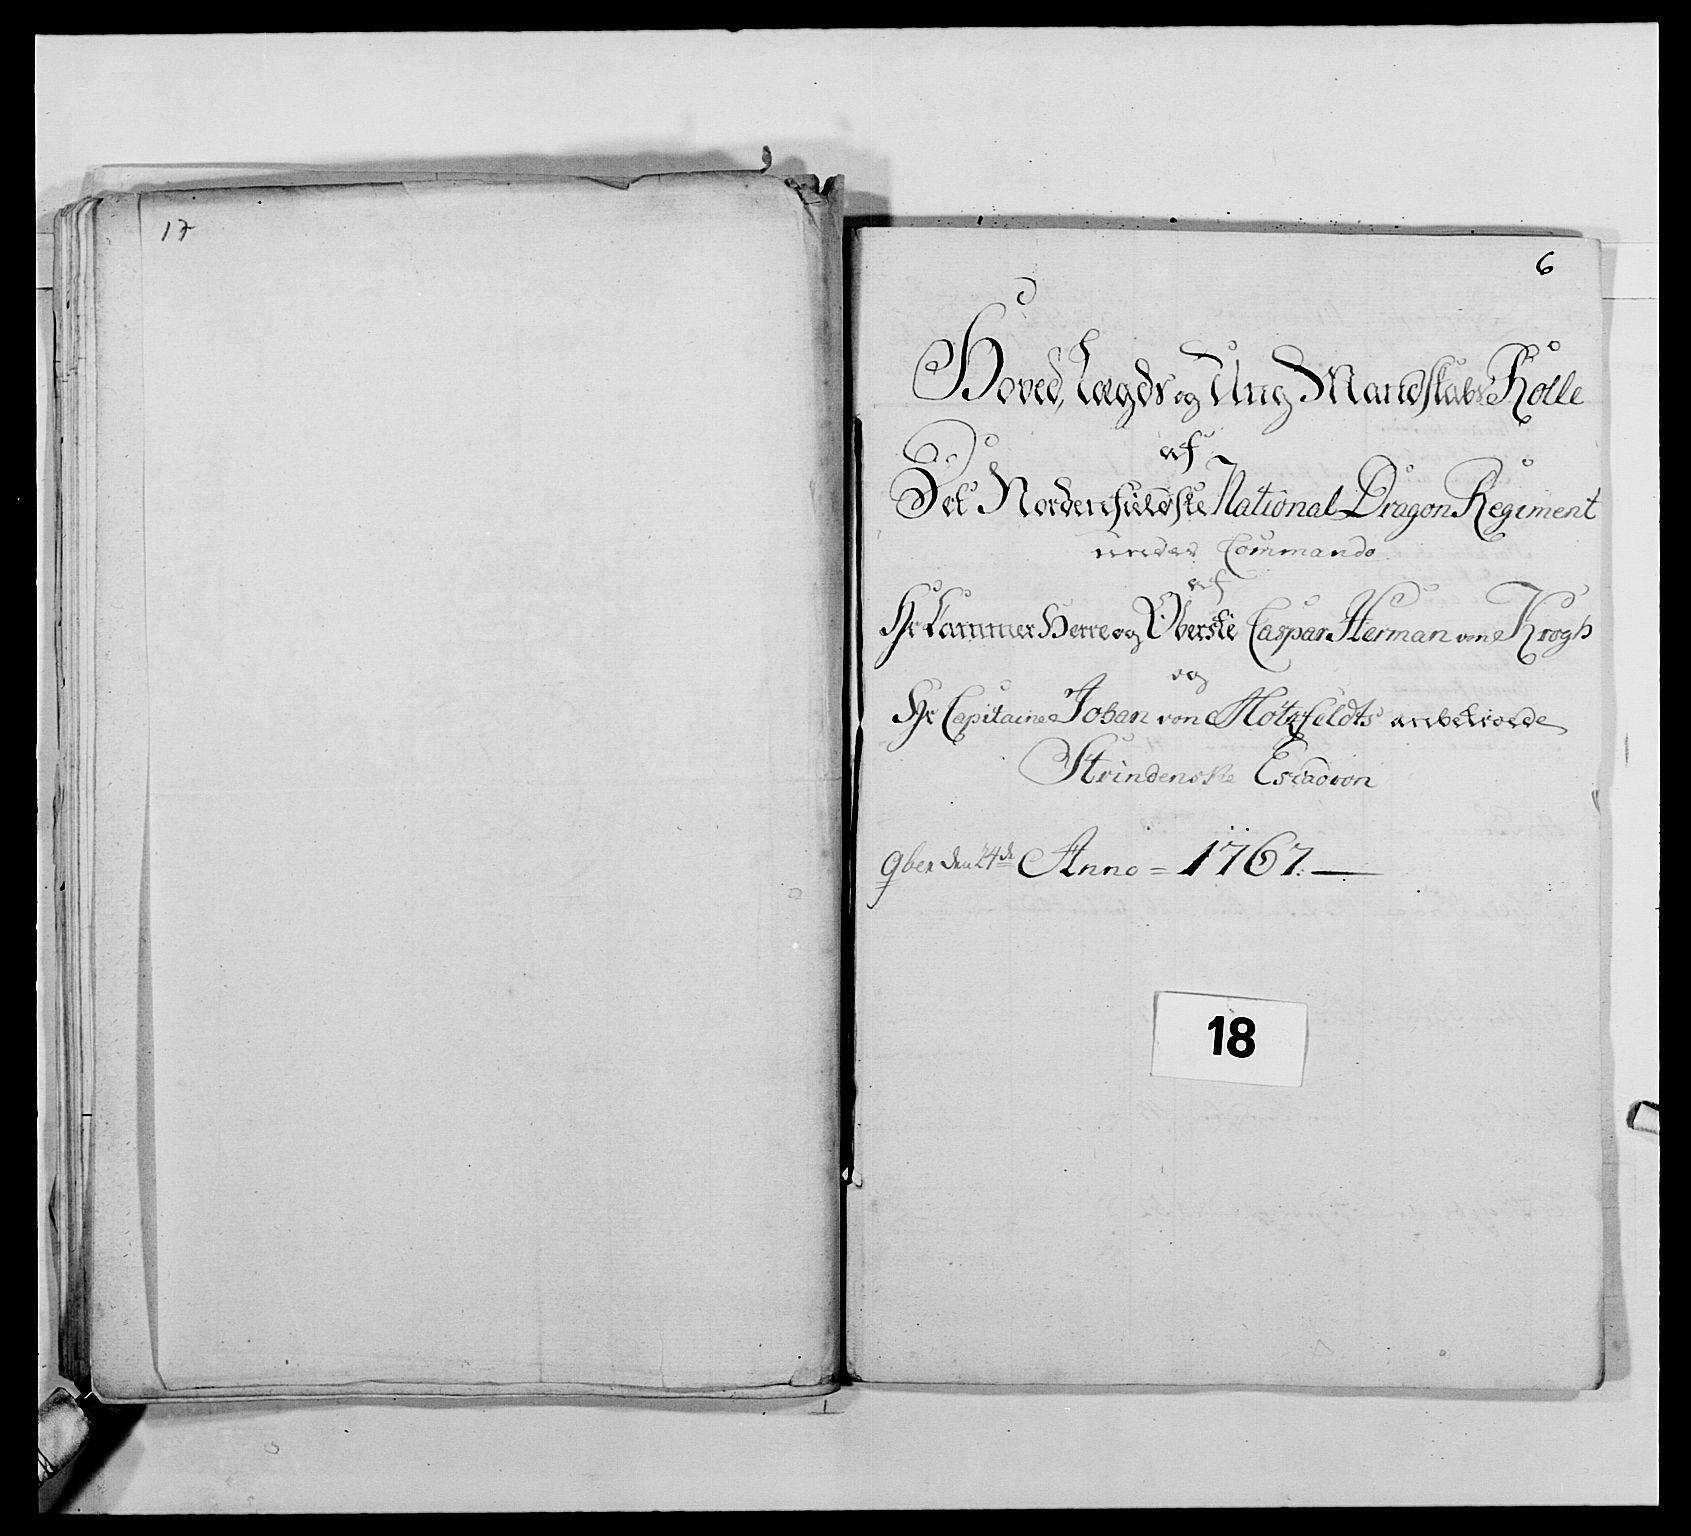 RA, Kommanderende general (KG I) med Det norske krigsdirektorium, E/Ea/L0483: Nordafjelske dragonregiment, 1765-1767, s. 425